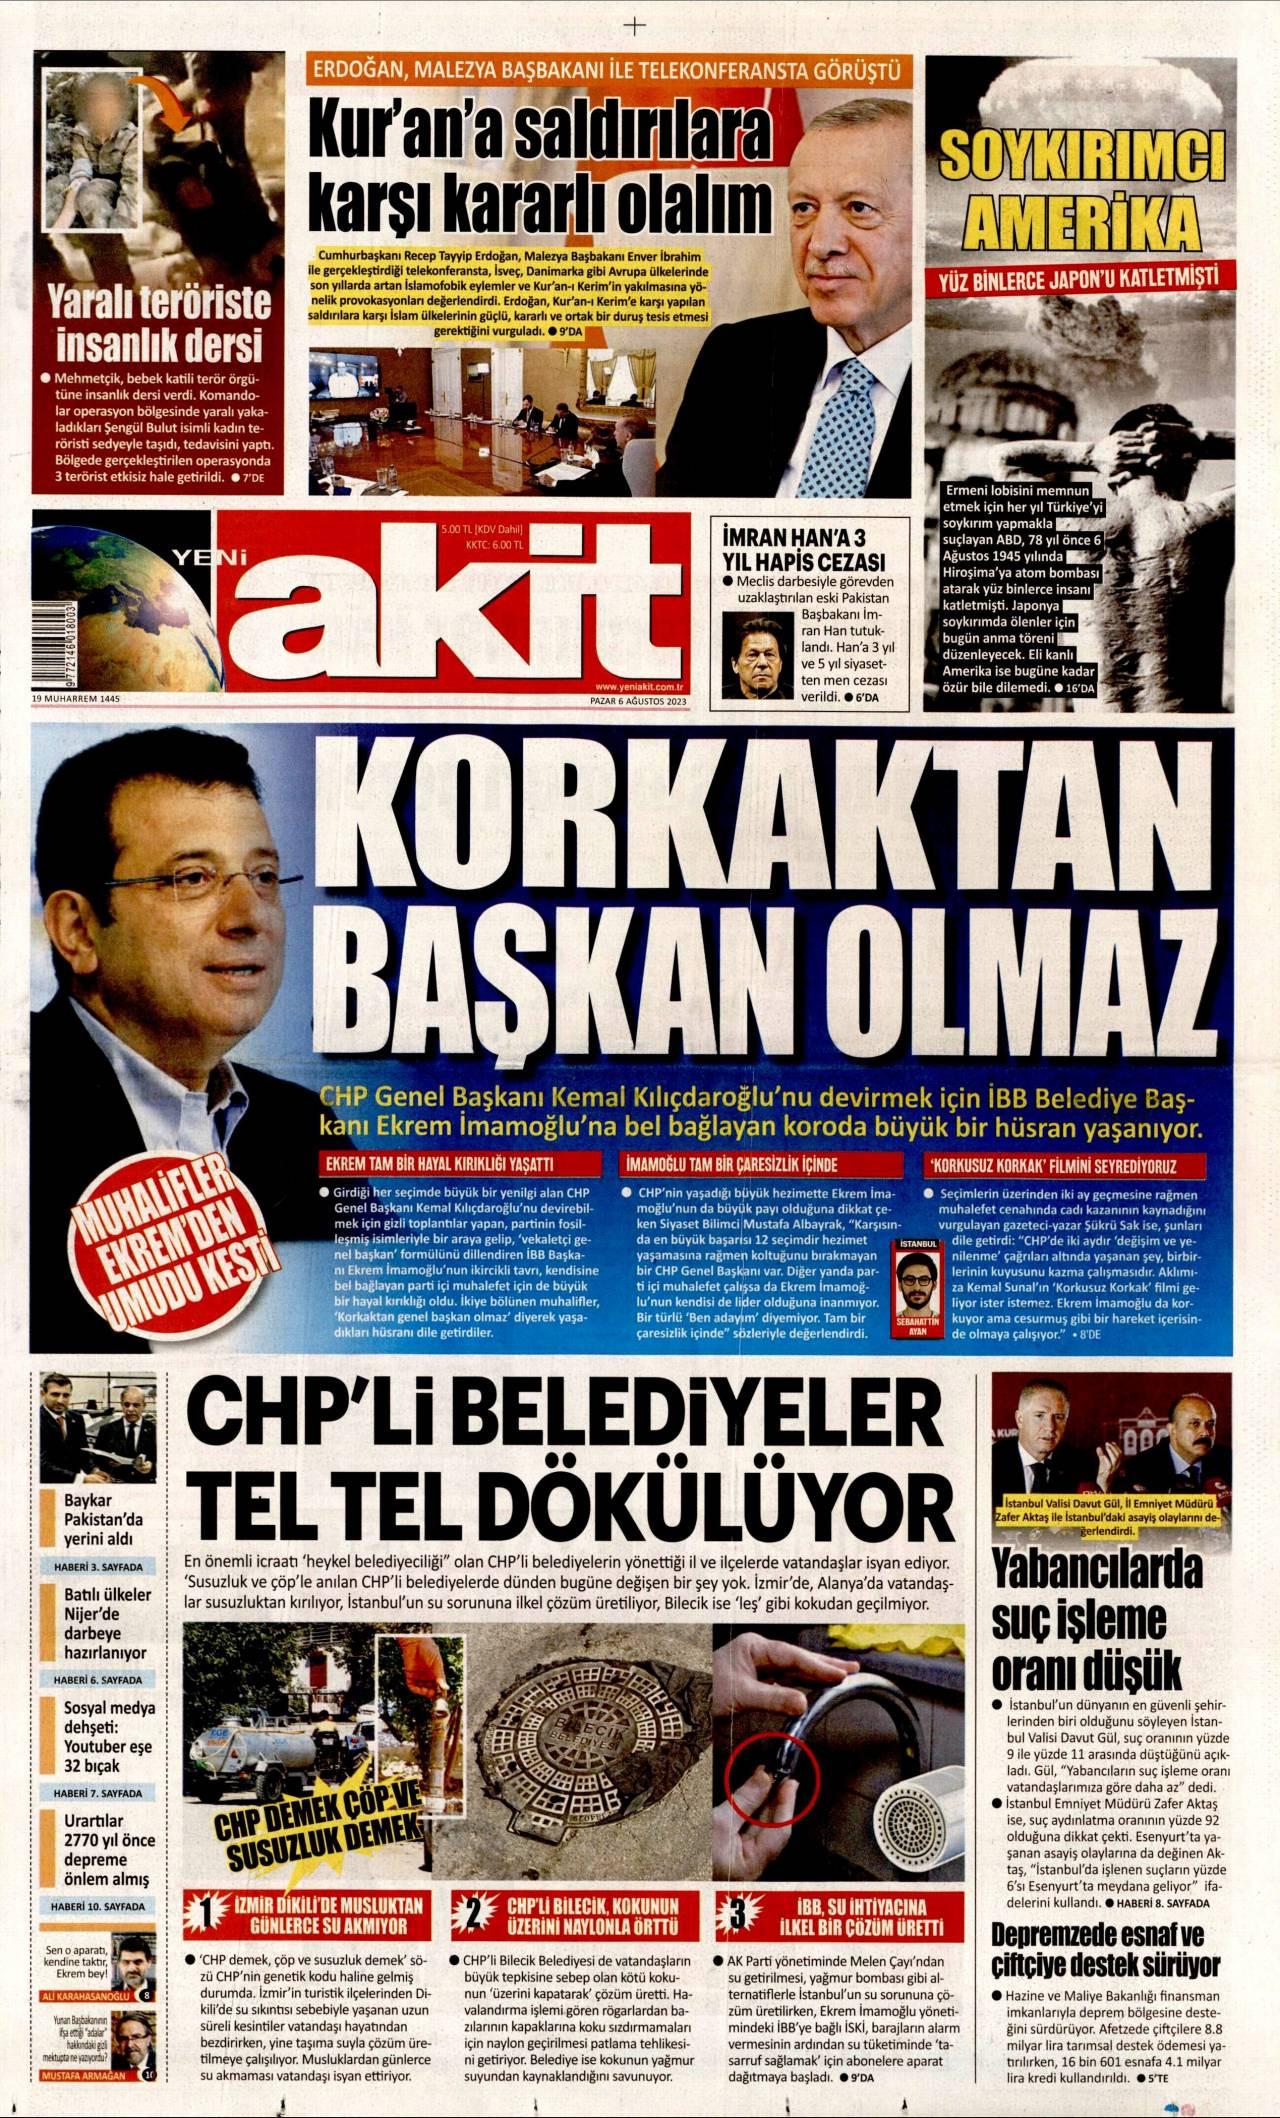 22.04.2021 tarihli Yeni Akit gazetesinin 1. sayfası